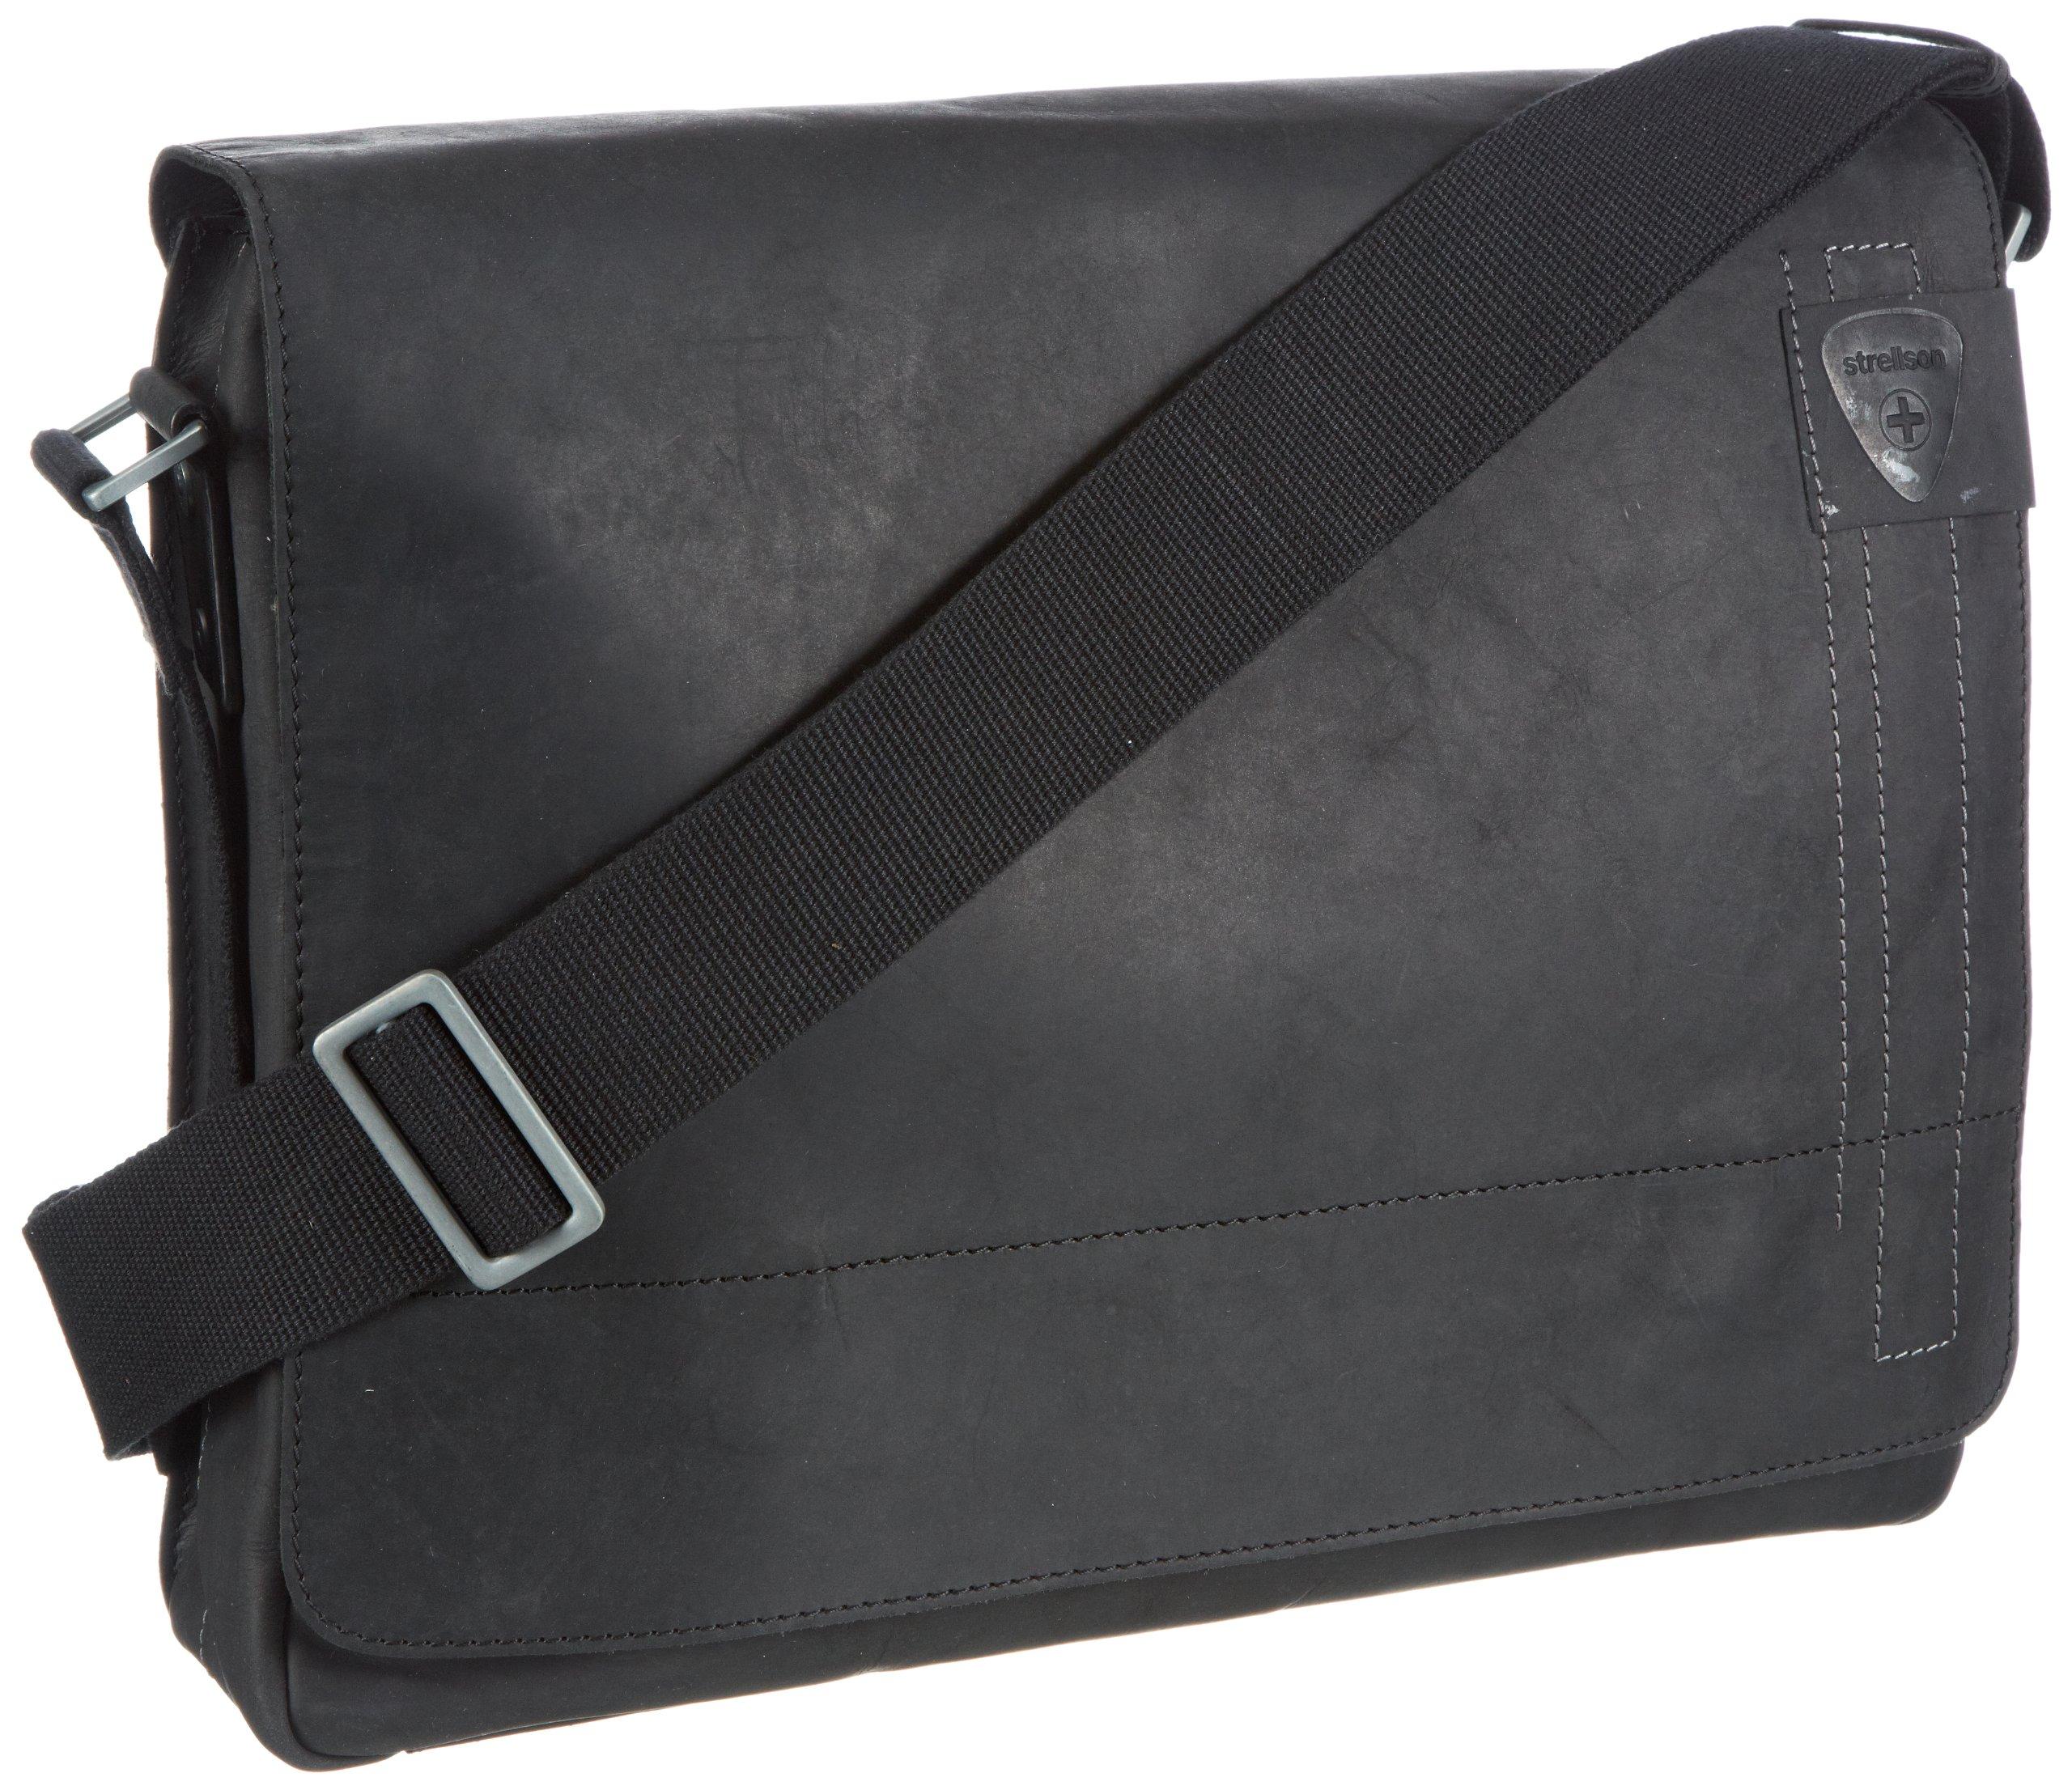 Strellson Handtaschen Taschen 1163-900 Schwarz QZroN